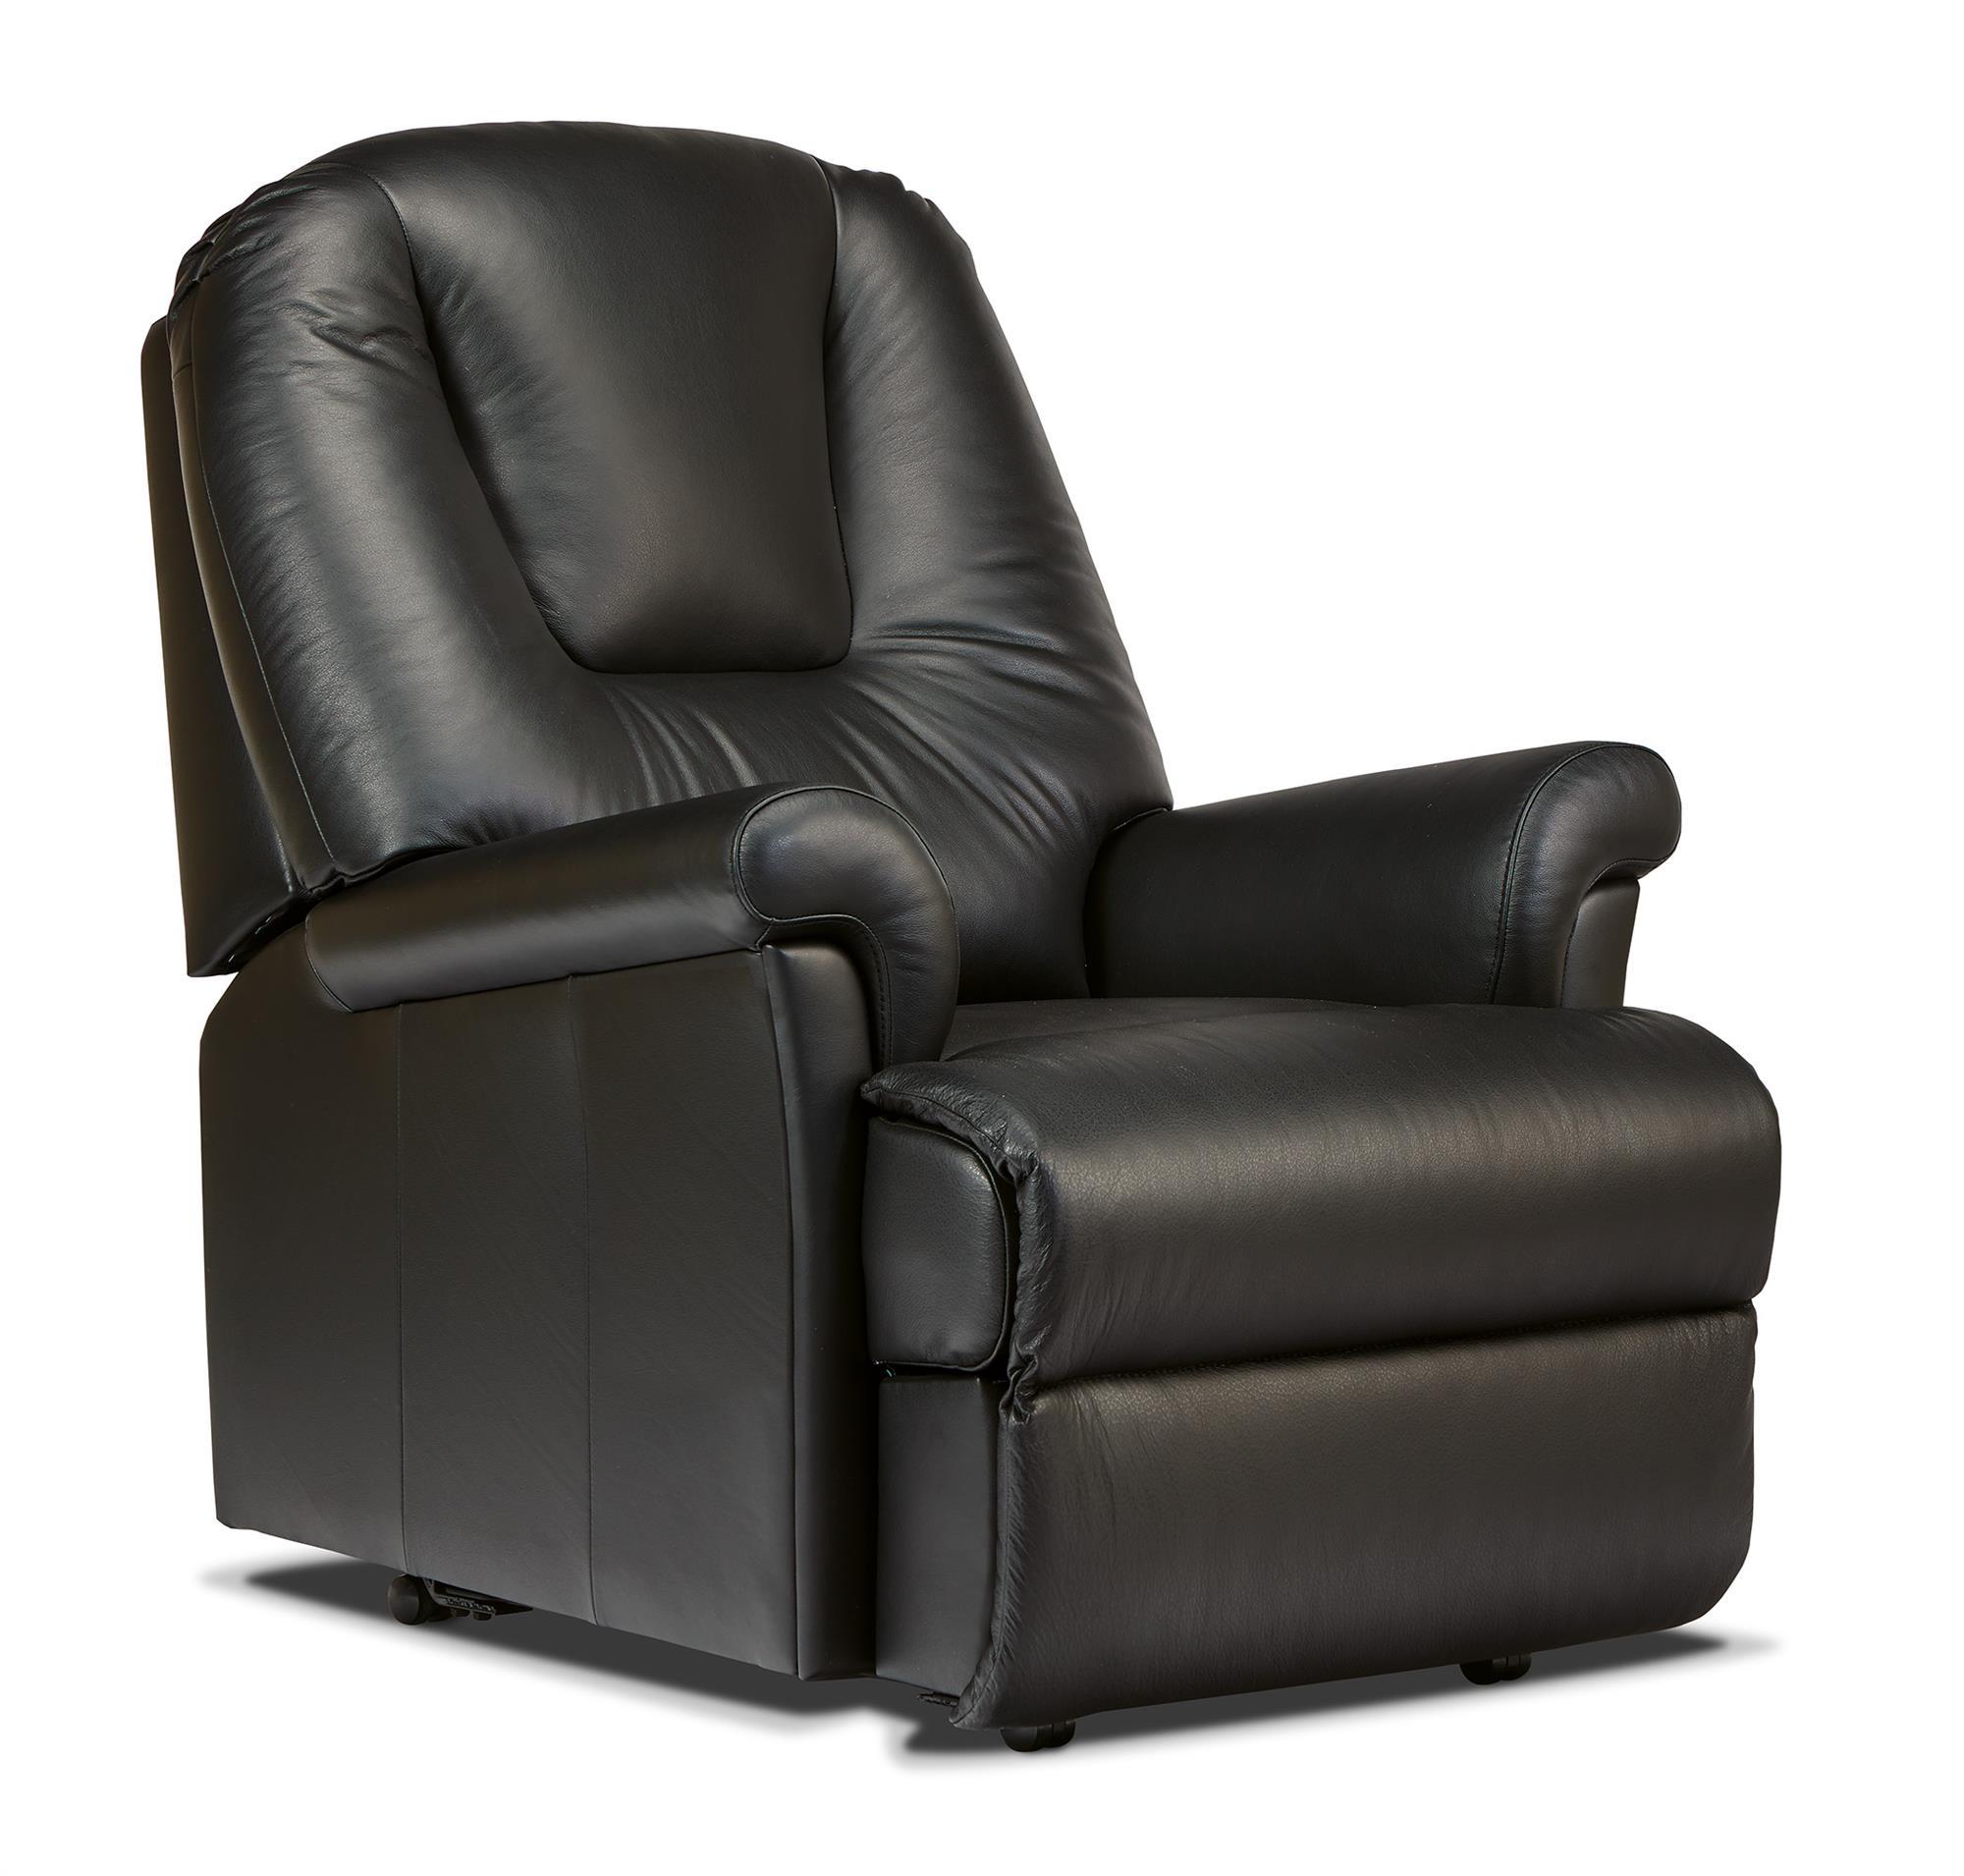 MILBURN - Chair Fixed